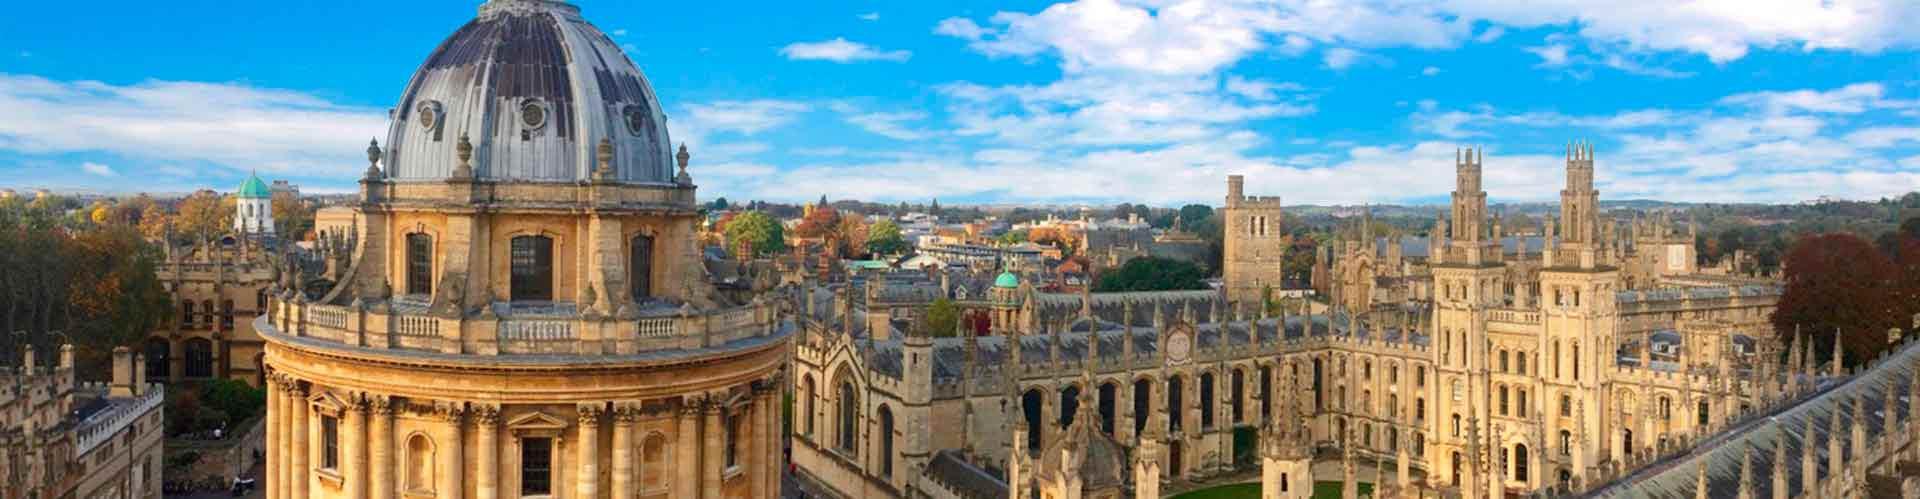 Free Tour Oxford - Turismo Reino Unido